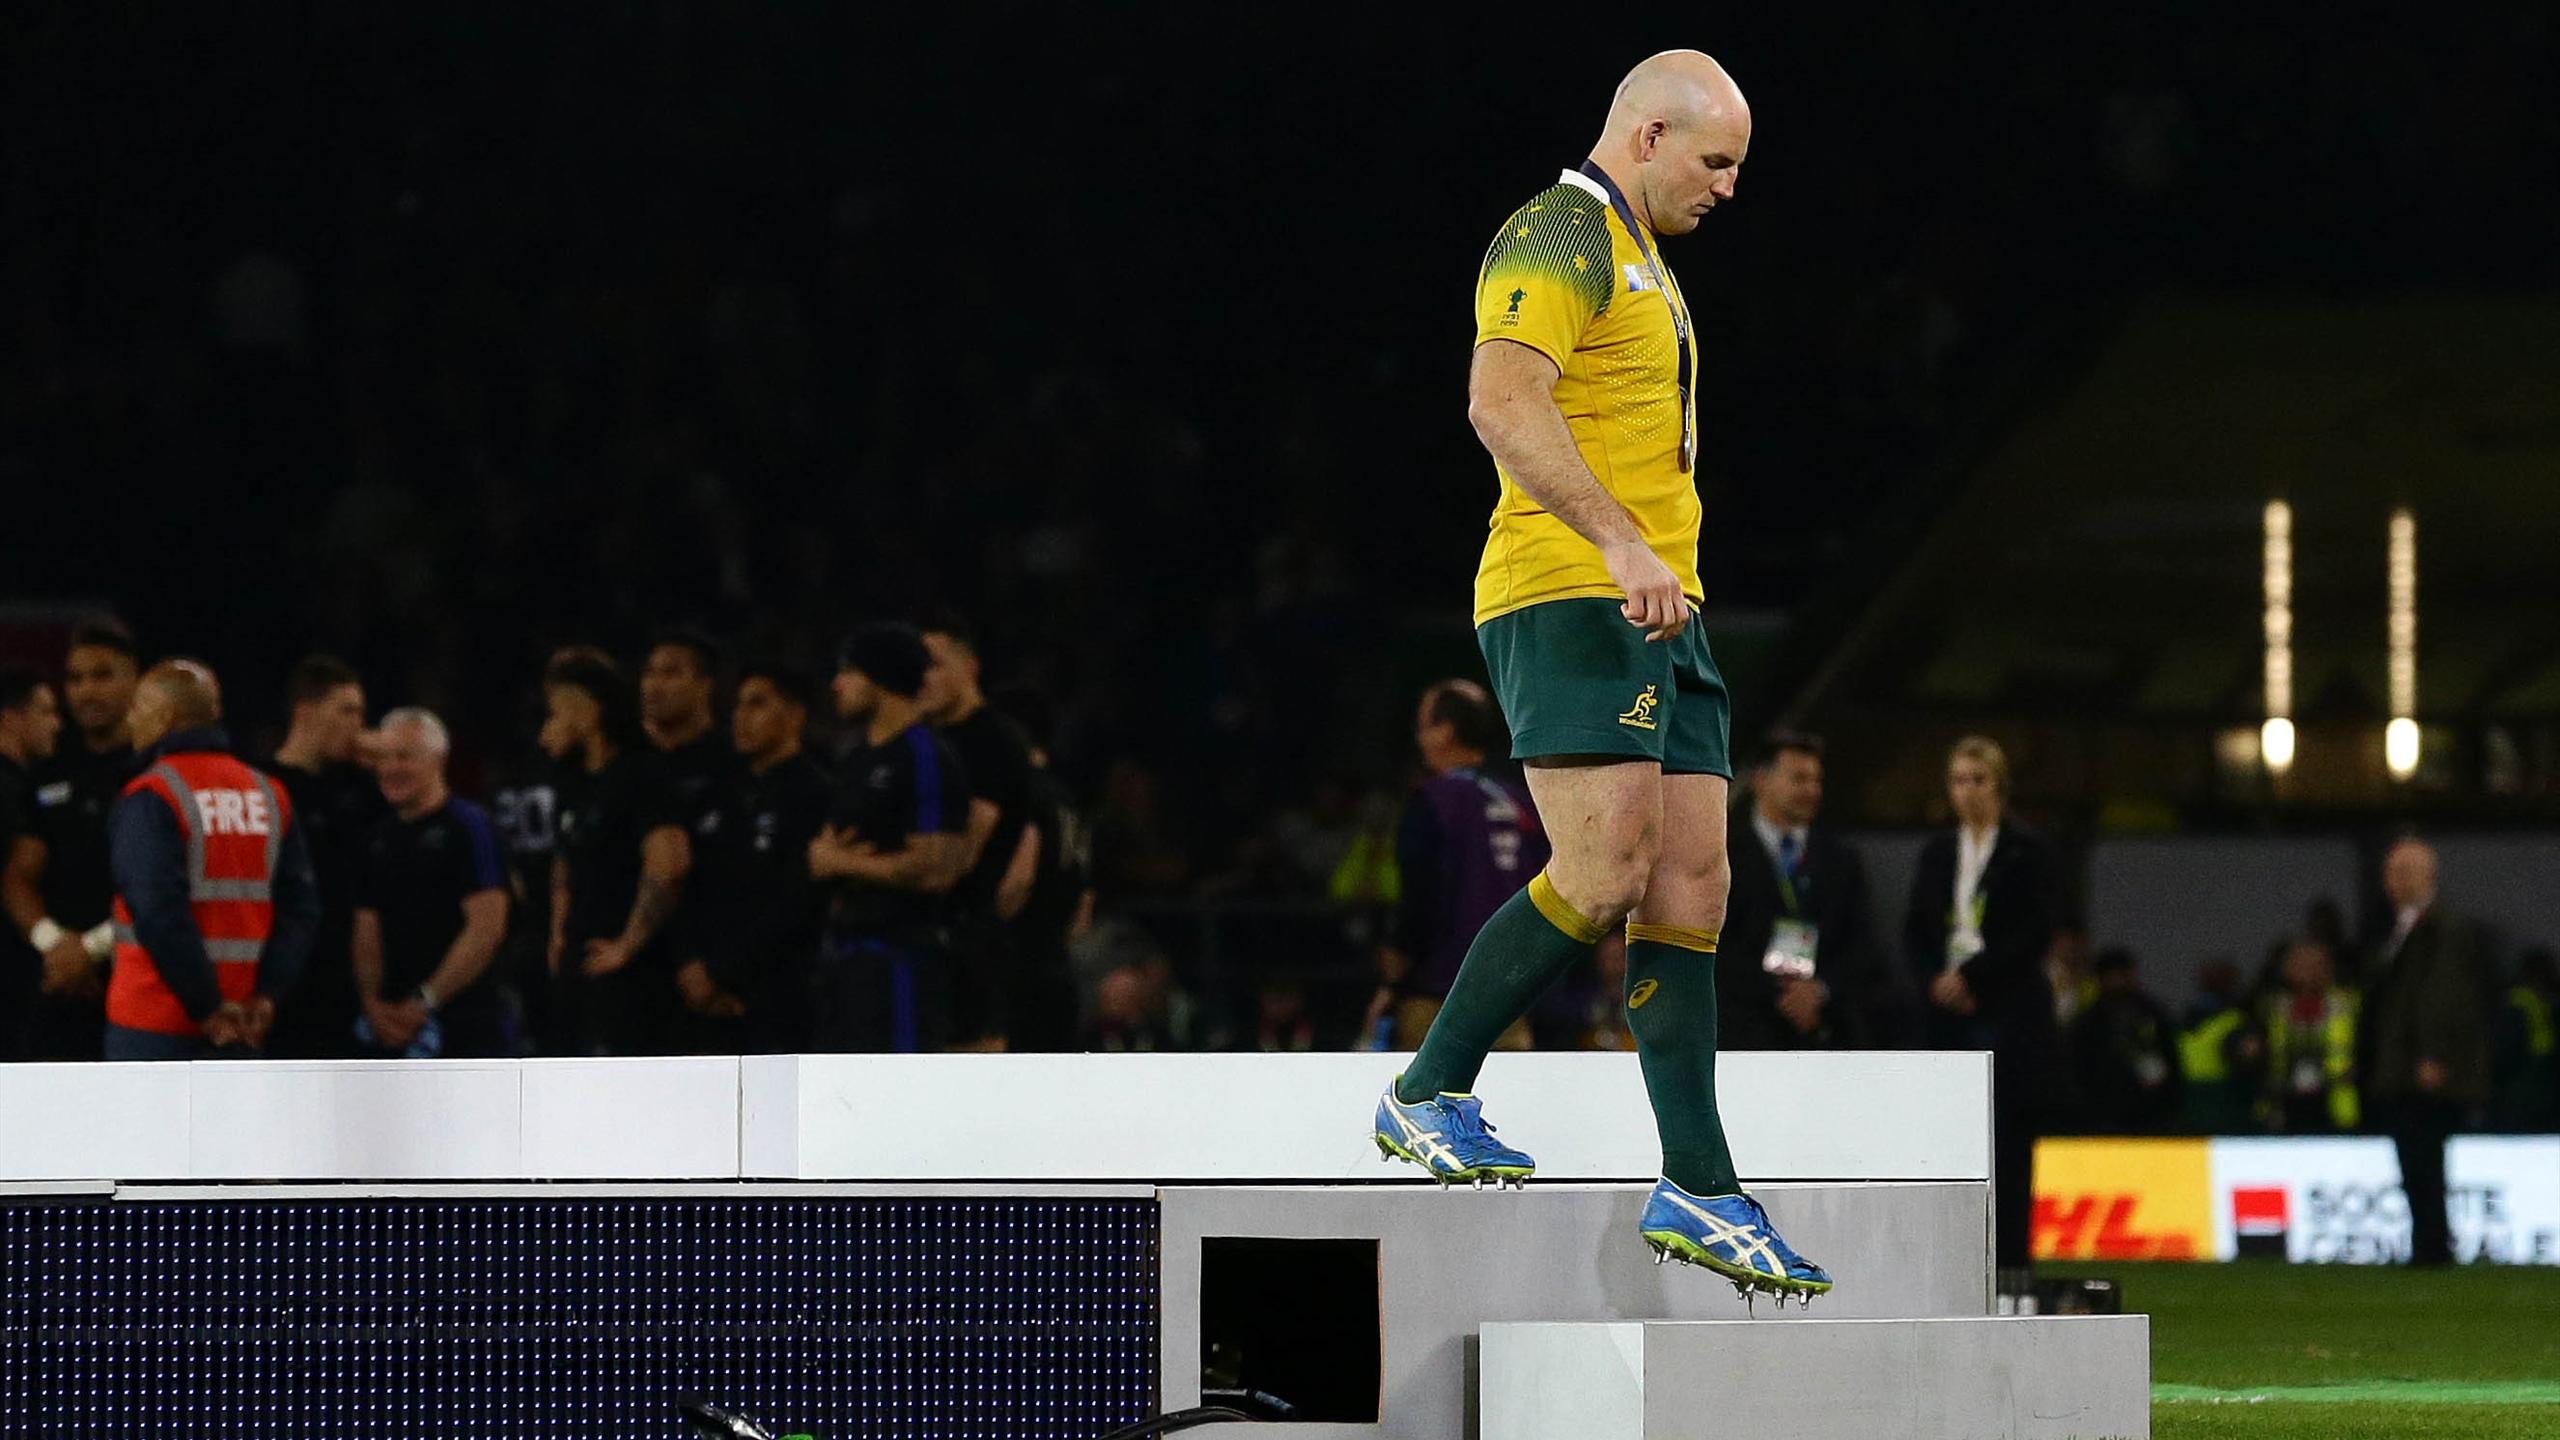 La déception de Stephen Moore - Nouvelle-Zélande-Australie - 31 octobre 2015